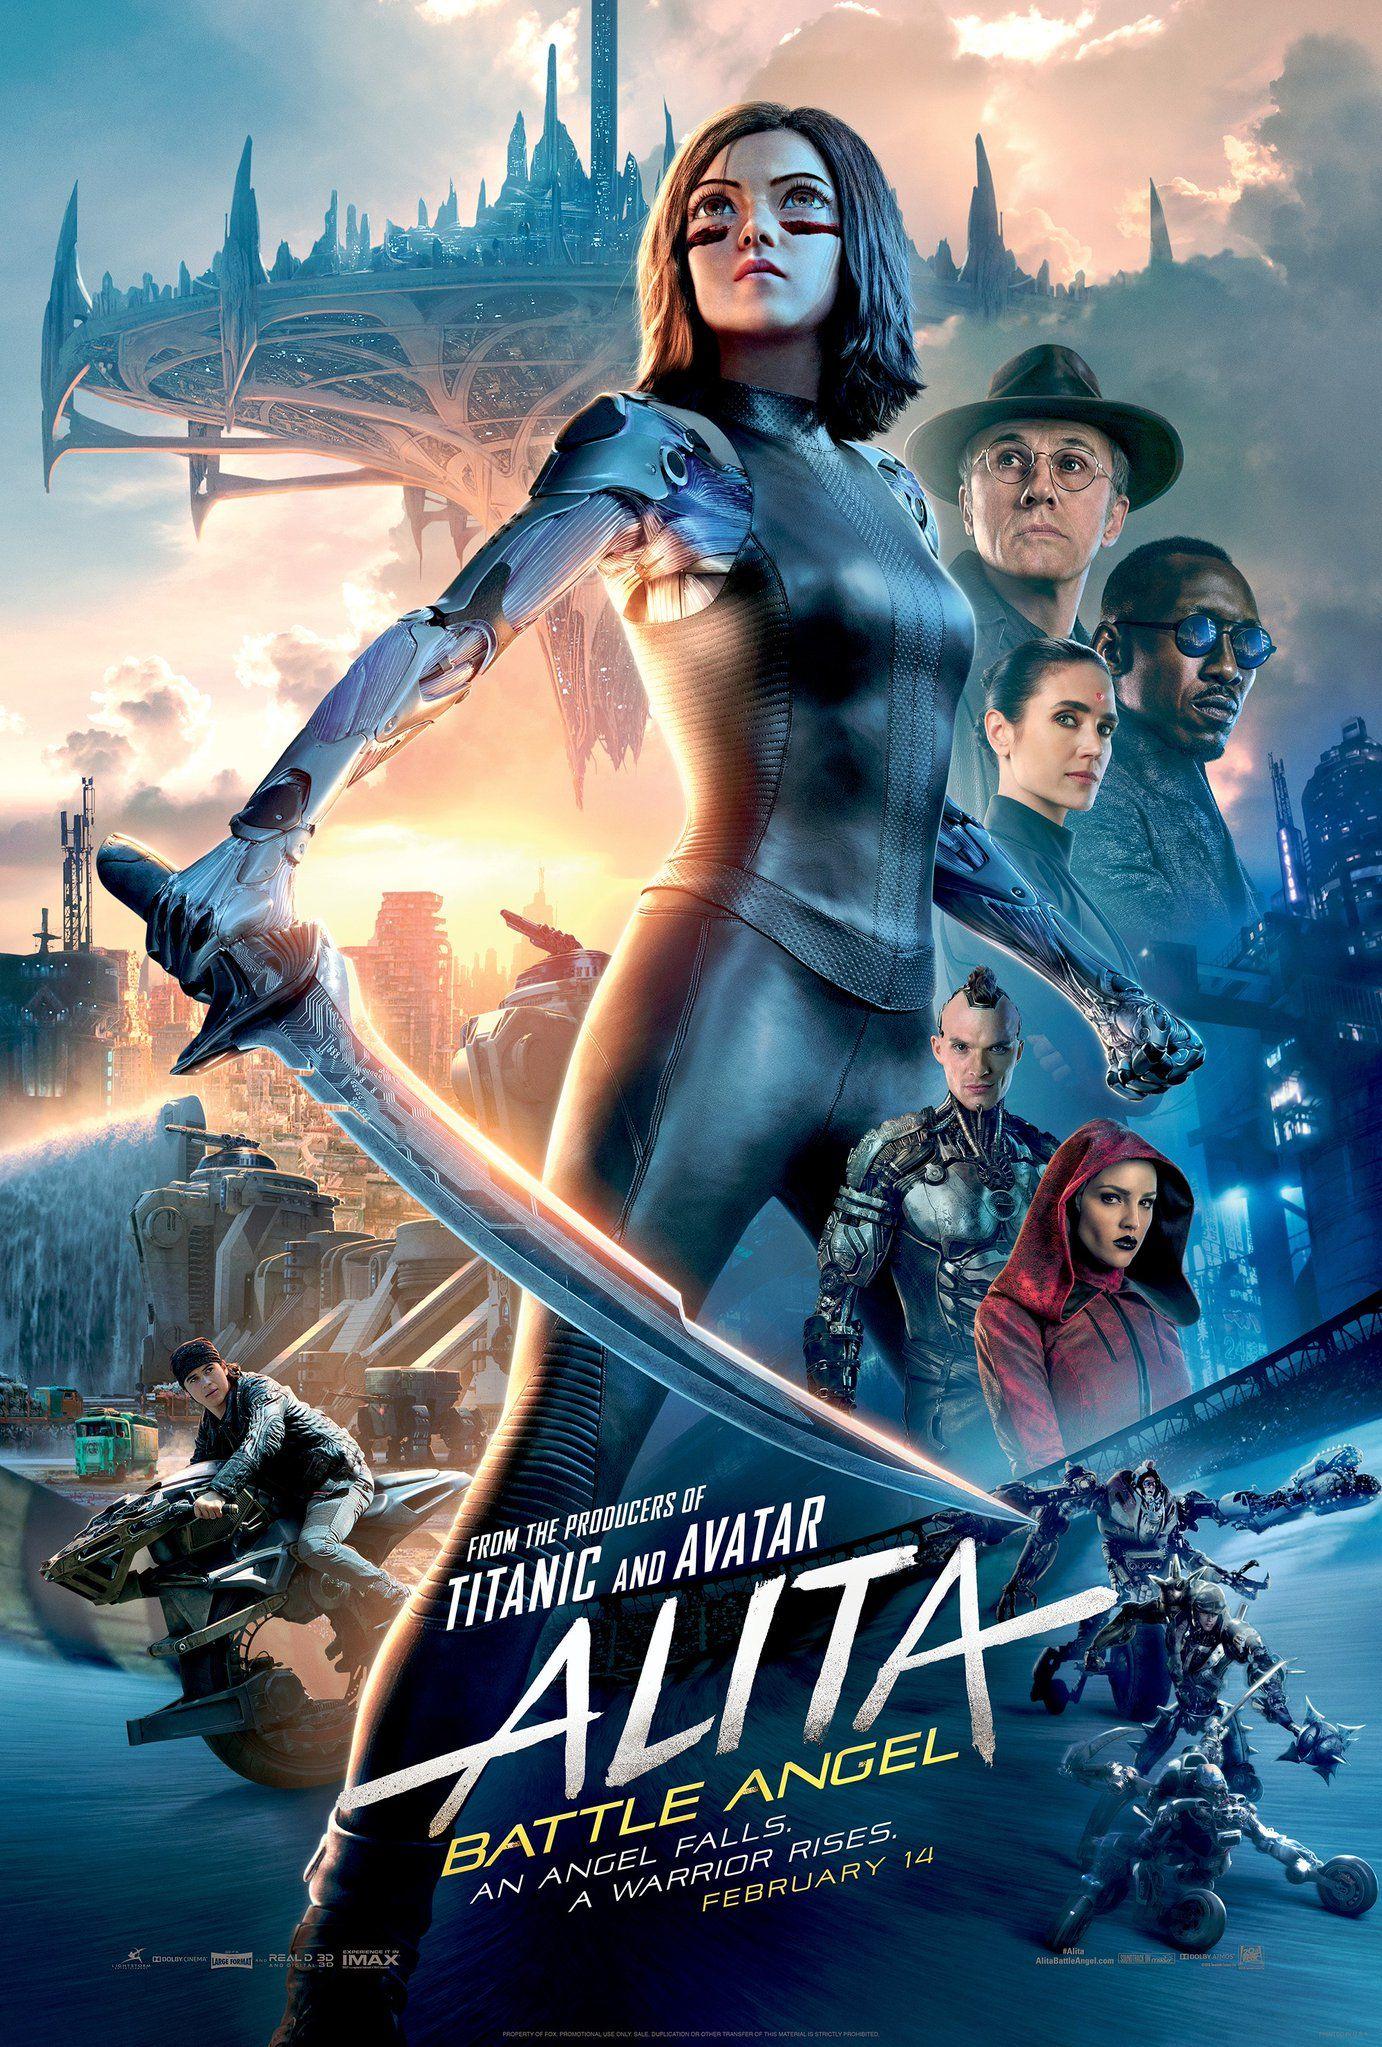 Robert Rodriguez Debuts New Alita: Battle Angel Poster | ภาพยนตร์ ...